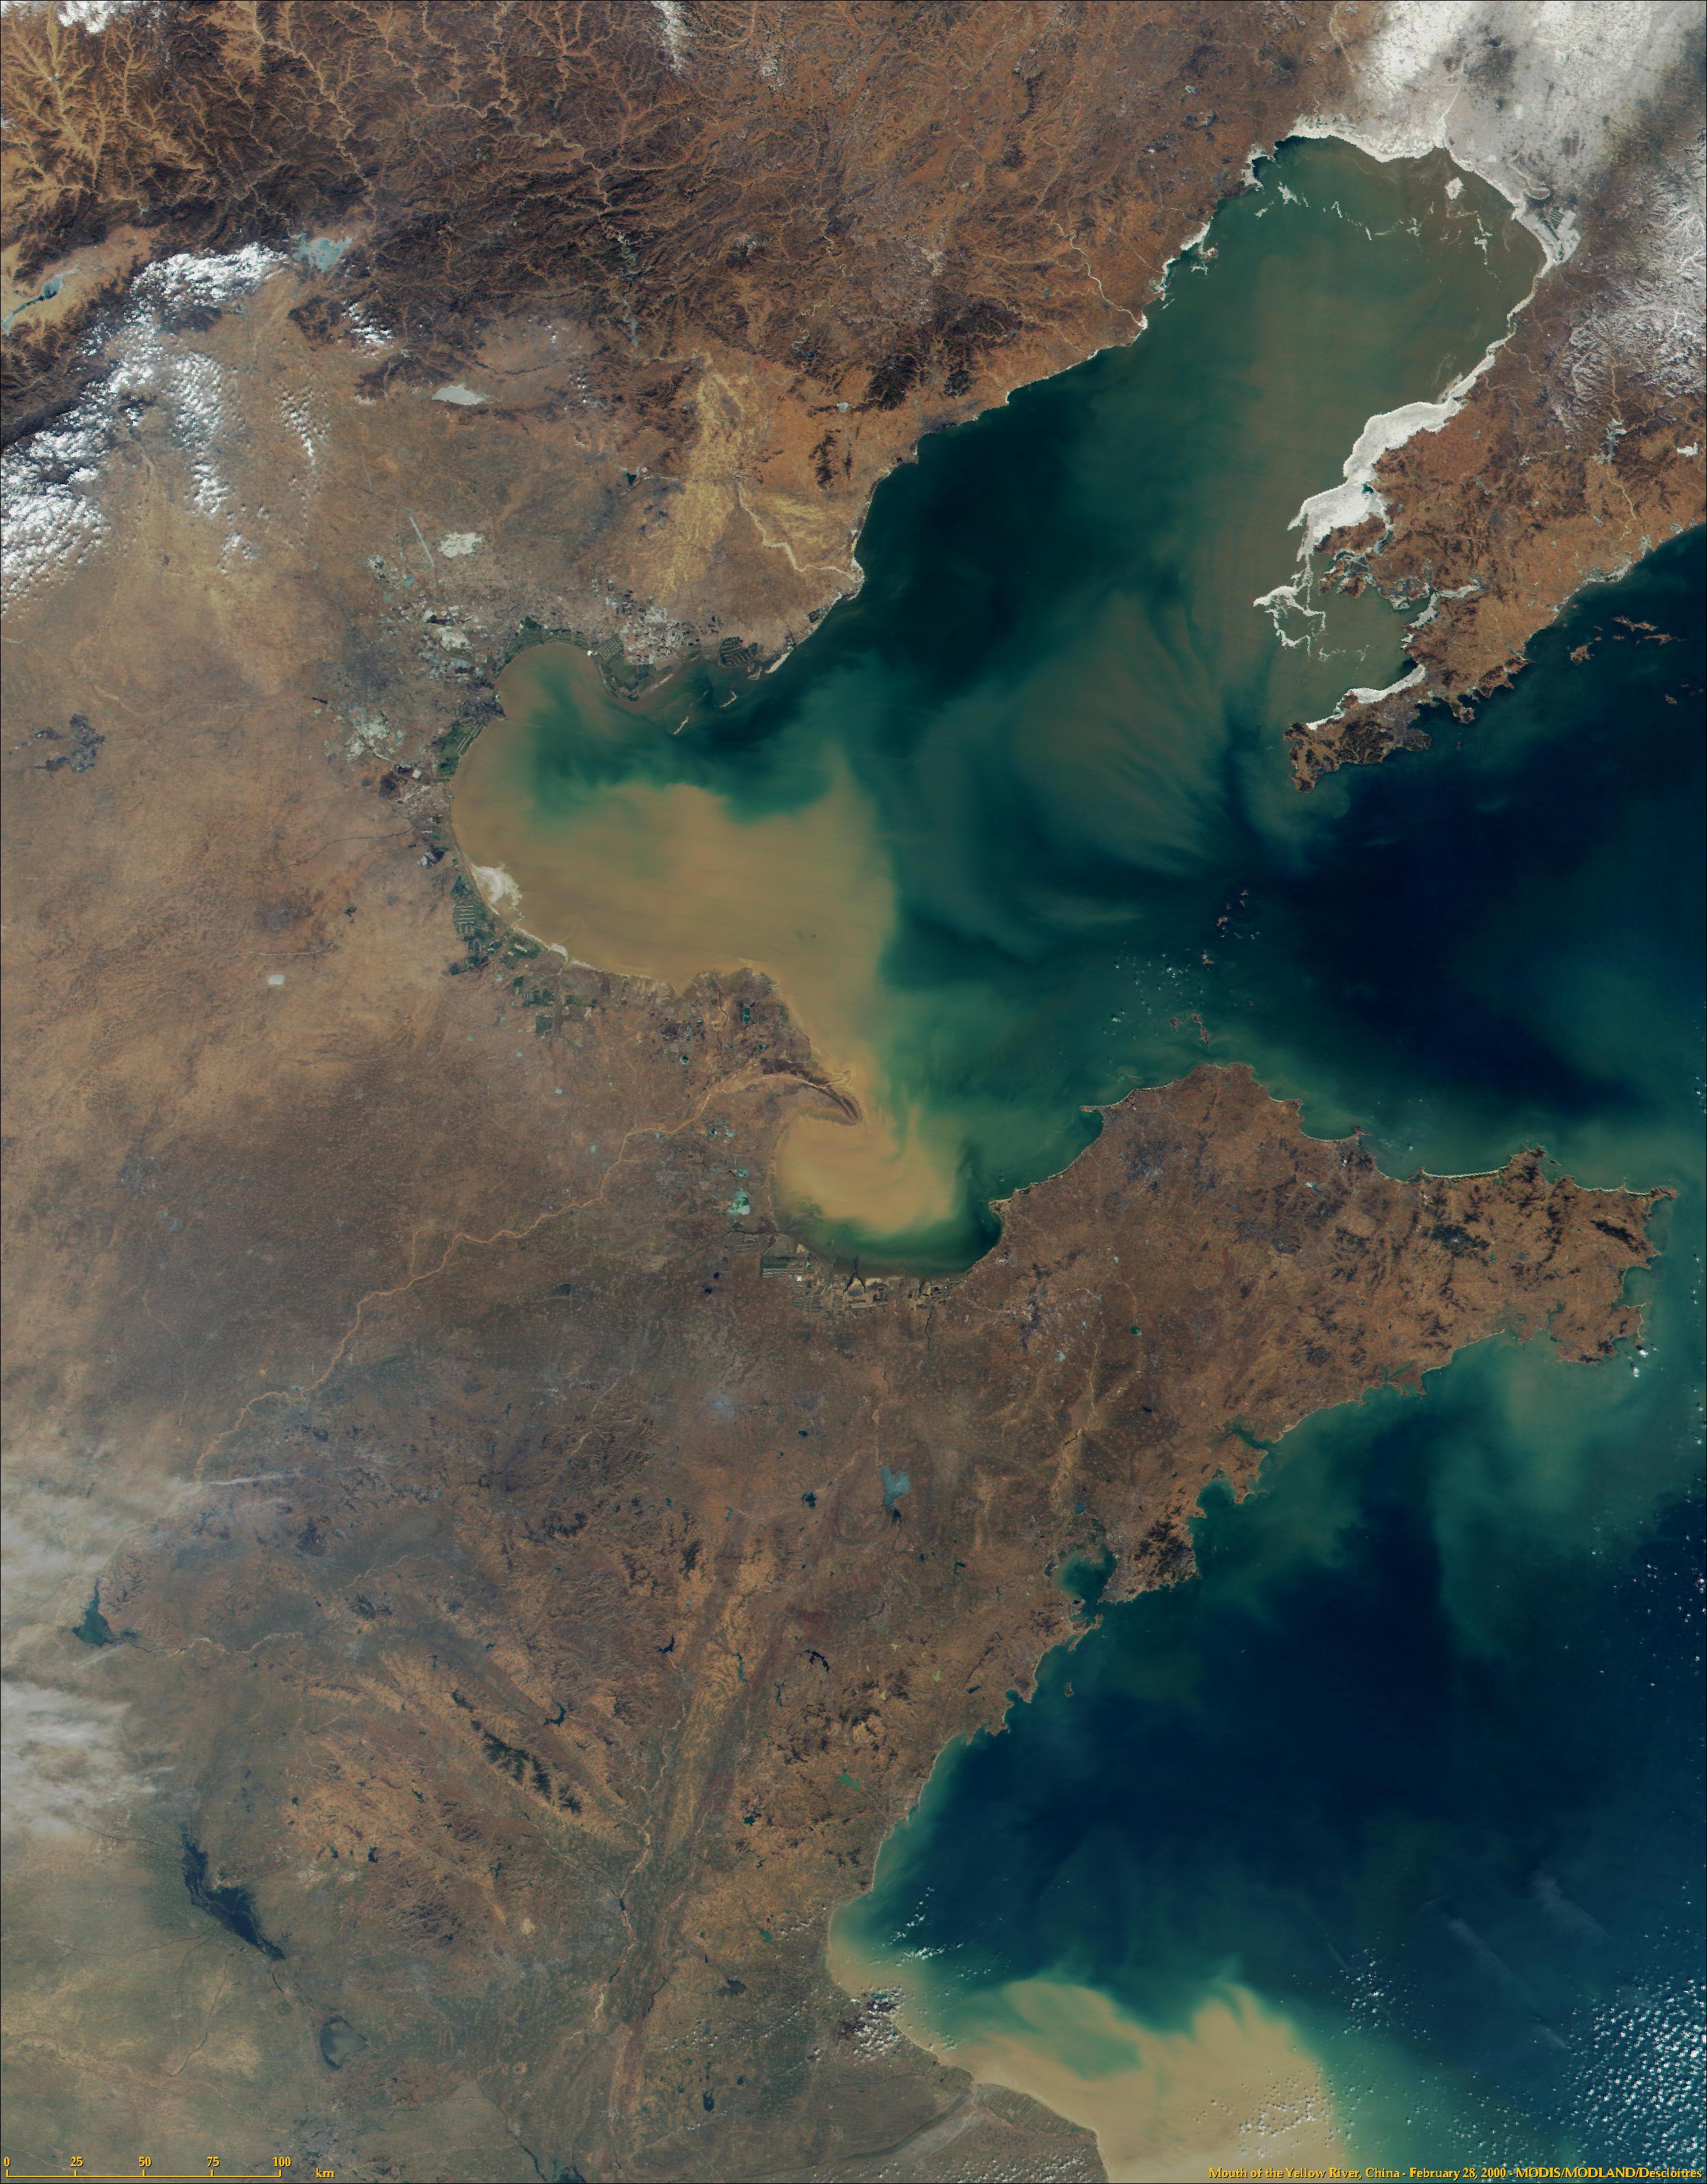 Desembocadura del río Amarillo, China